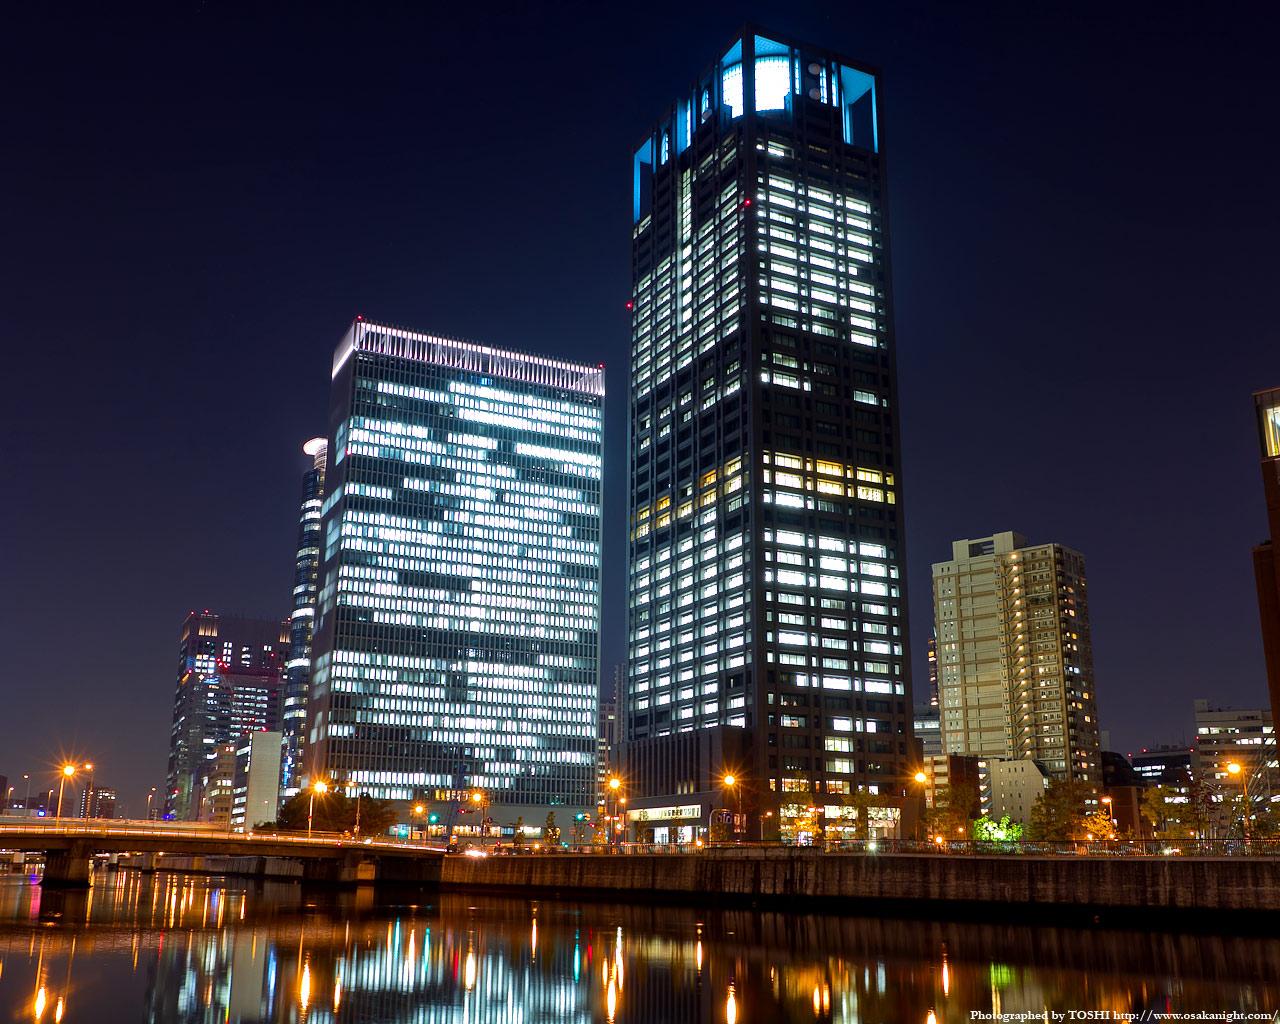 田蓑橋と関電ビルディング夜景